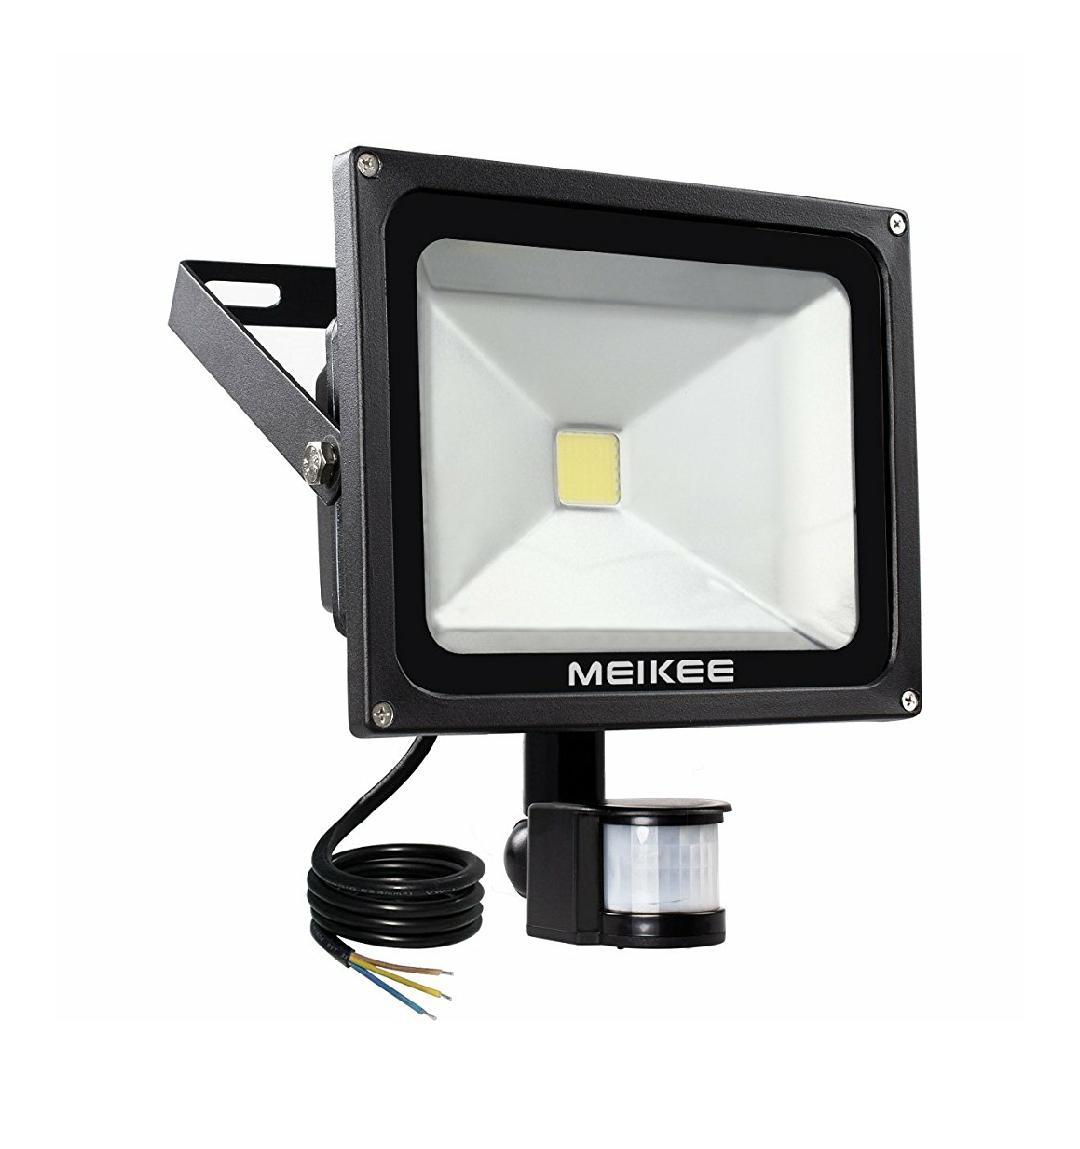 projecteur led d tecteur de mouvement meikee 30w vendeur tiers. Black Bedroom Furniture Sets. Home Design Ideas